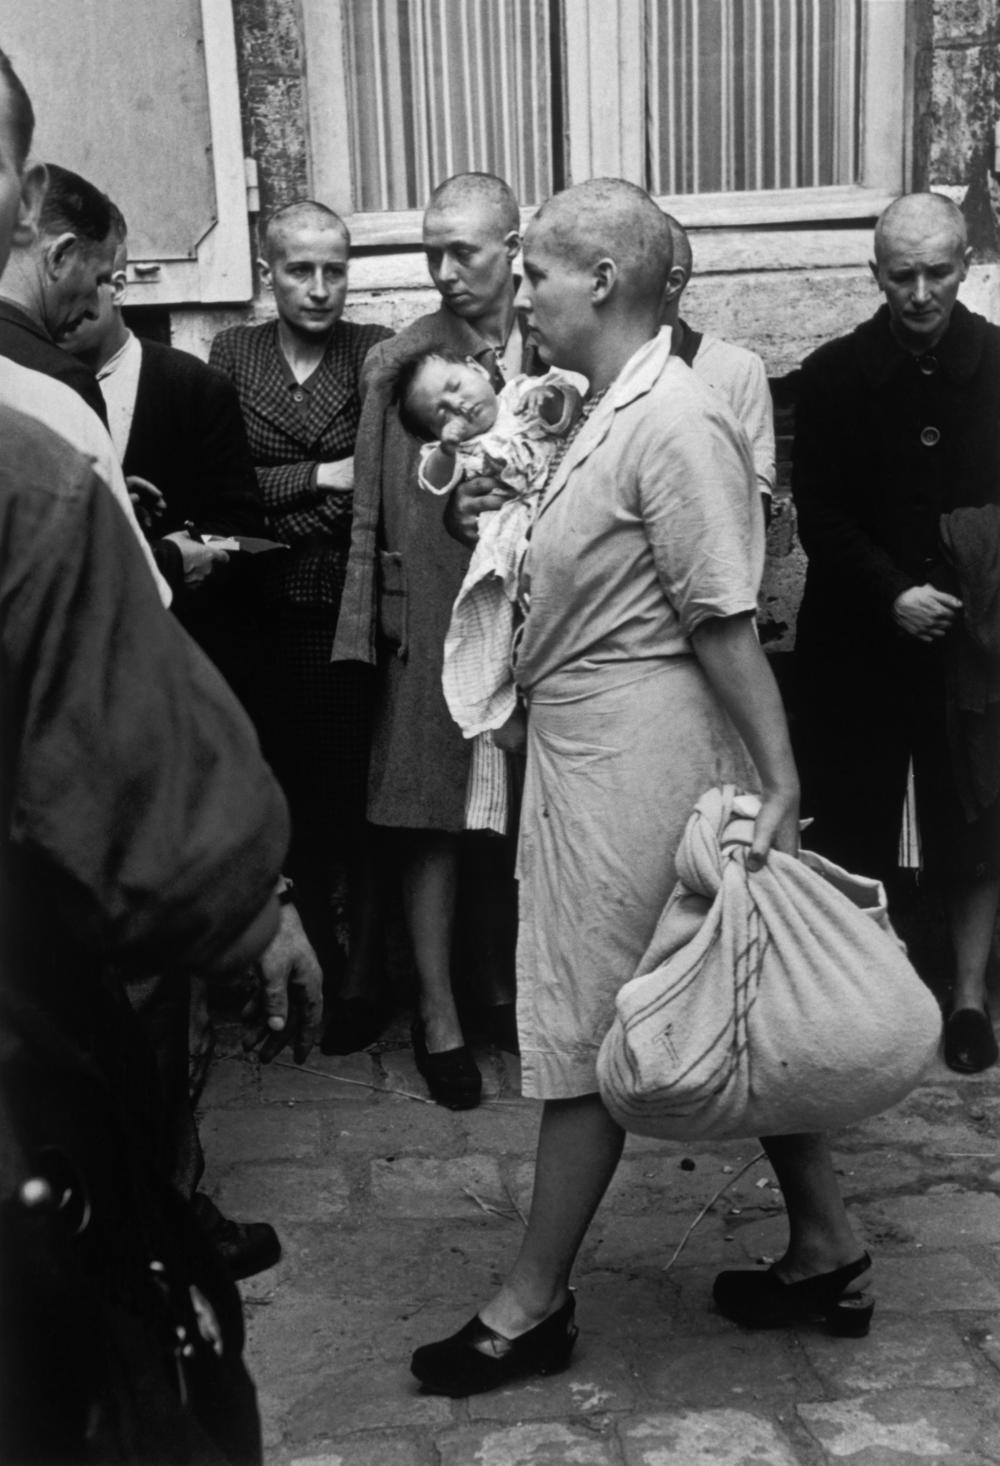 """Que Sont Devenues Les Femmes Tondues : devenues, femmes, tondues, Tondue, Chartres"""",, Immortalisée, Robert, L'histoire, Simone, Touseau,"""